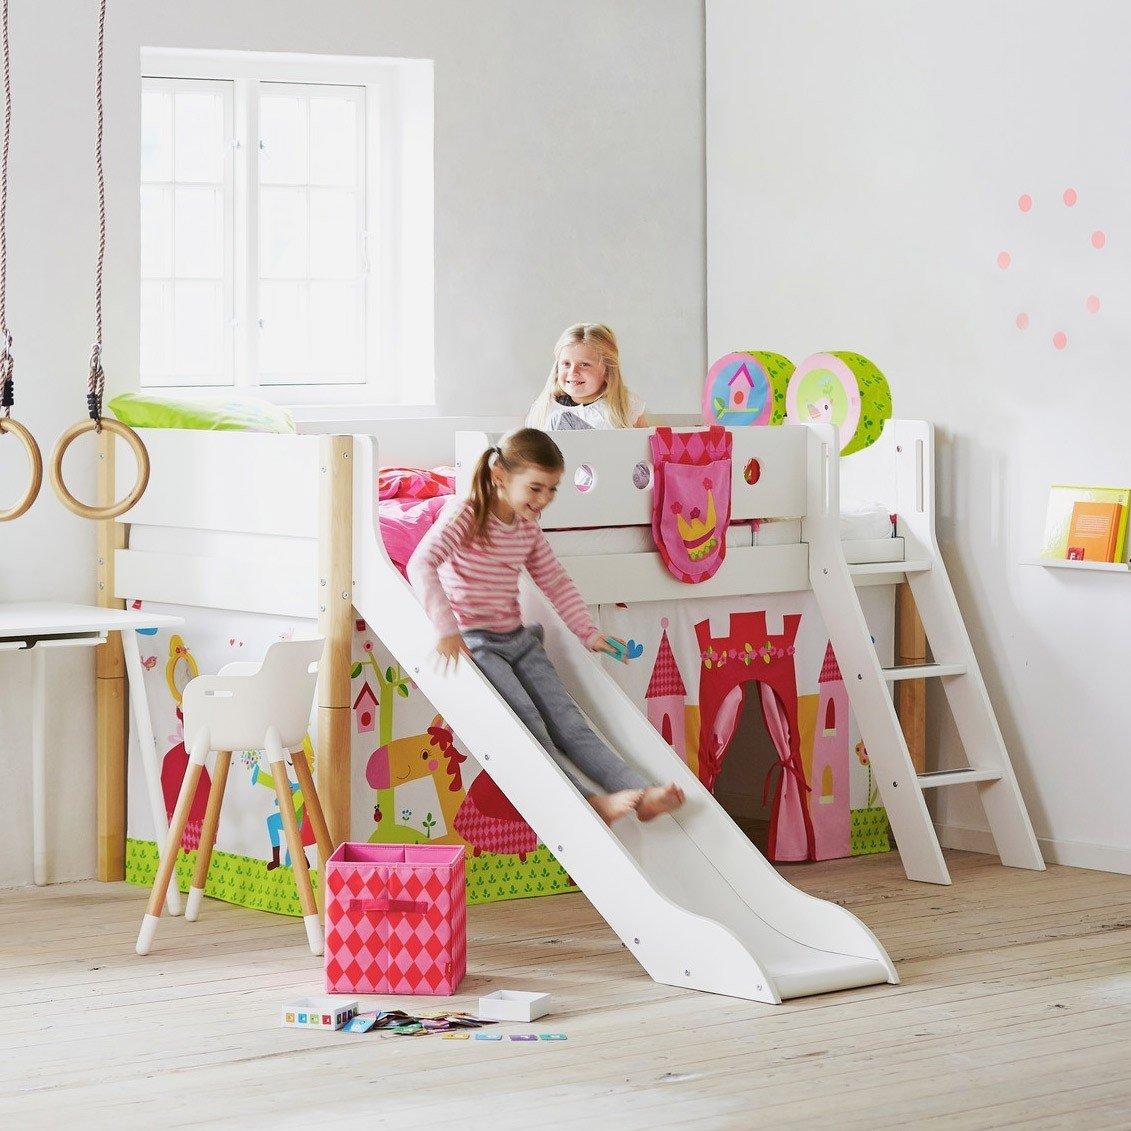 Full Size of Halbhohes Hochbett Flexa Bett Mit Rutsche Wohnzimmer Halbhohes Hochbett